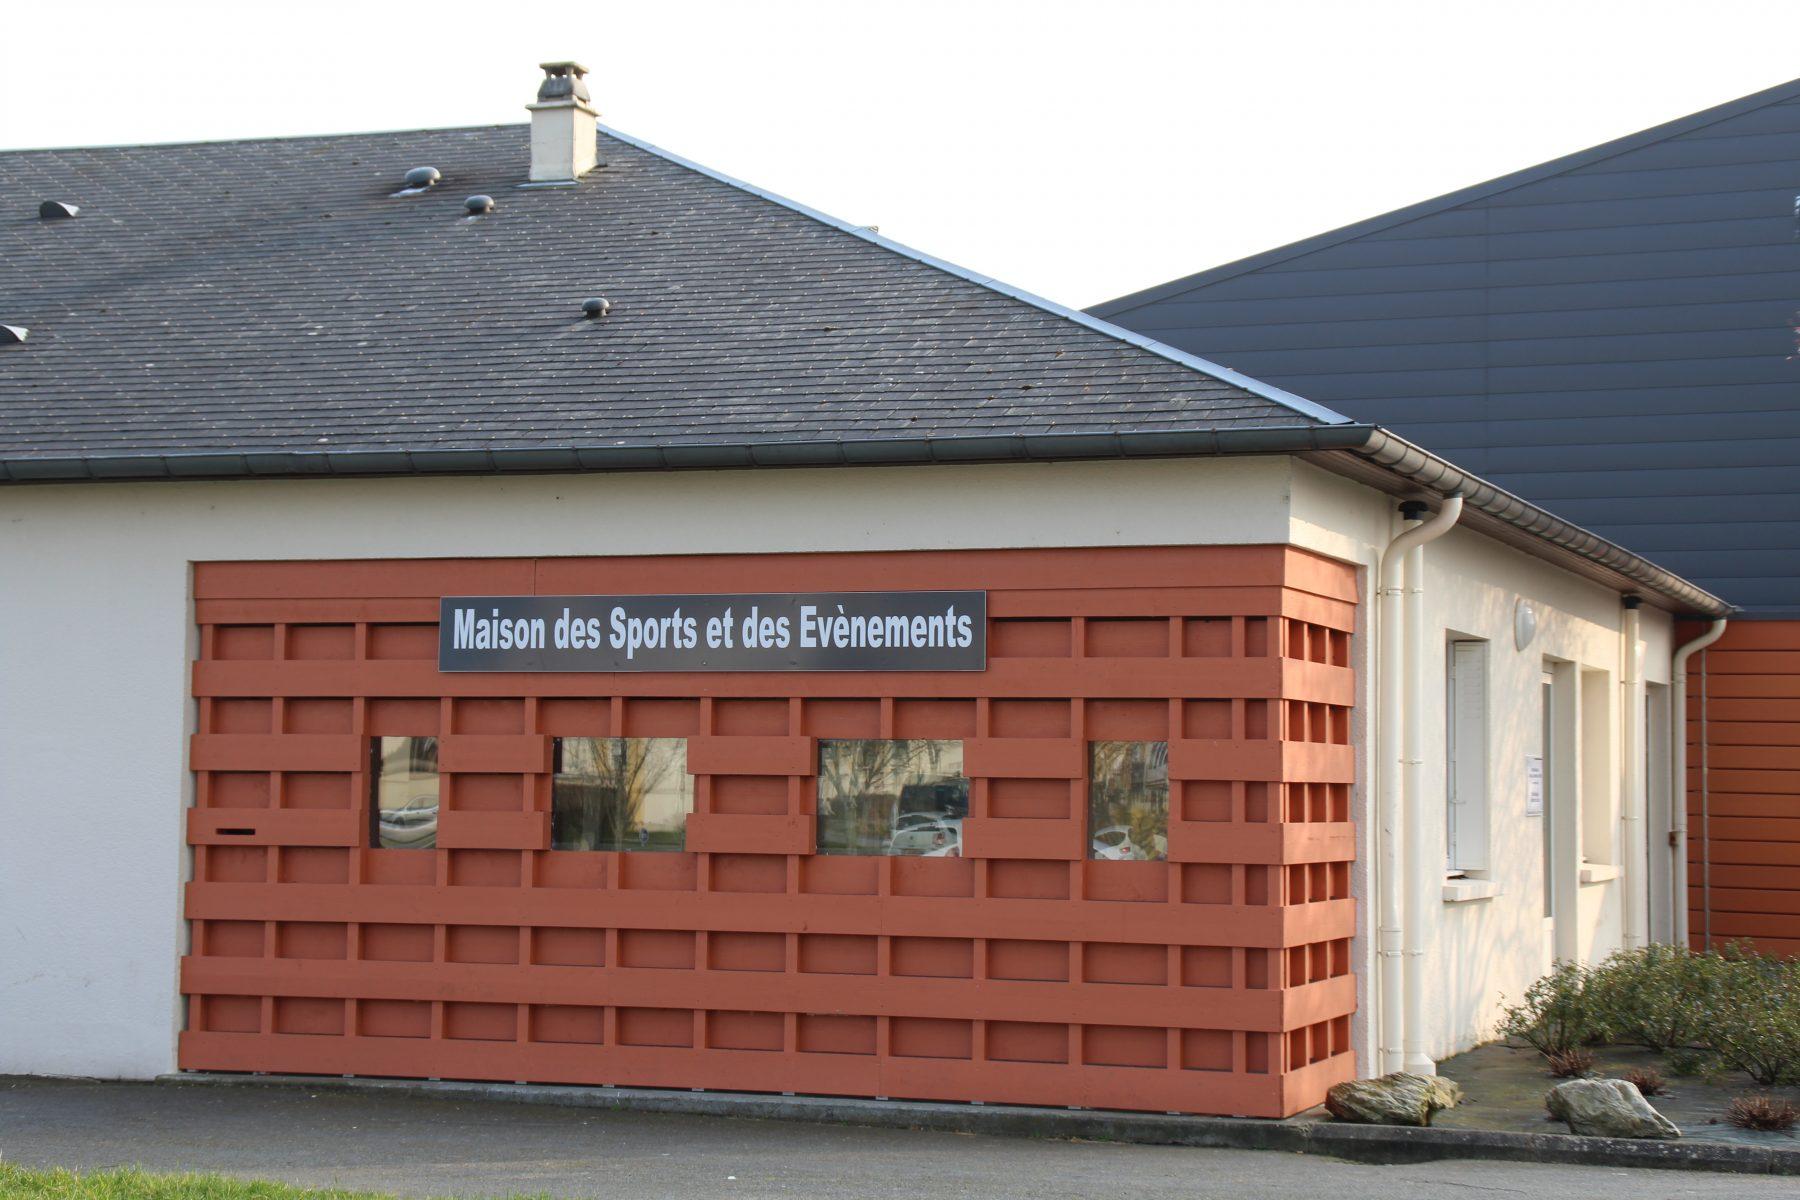 Maison des Sports et des Événements